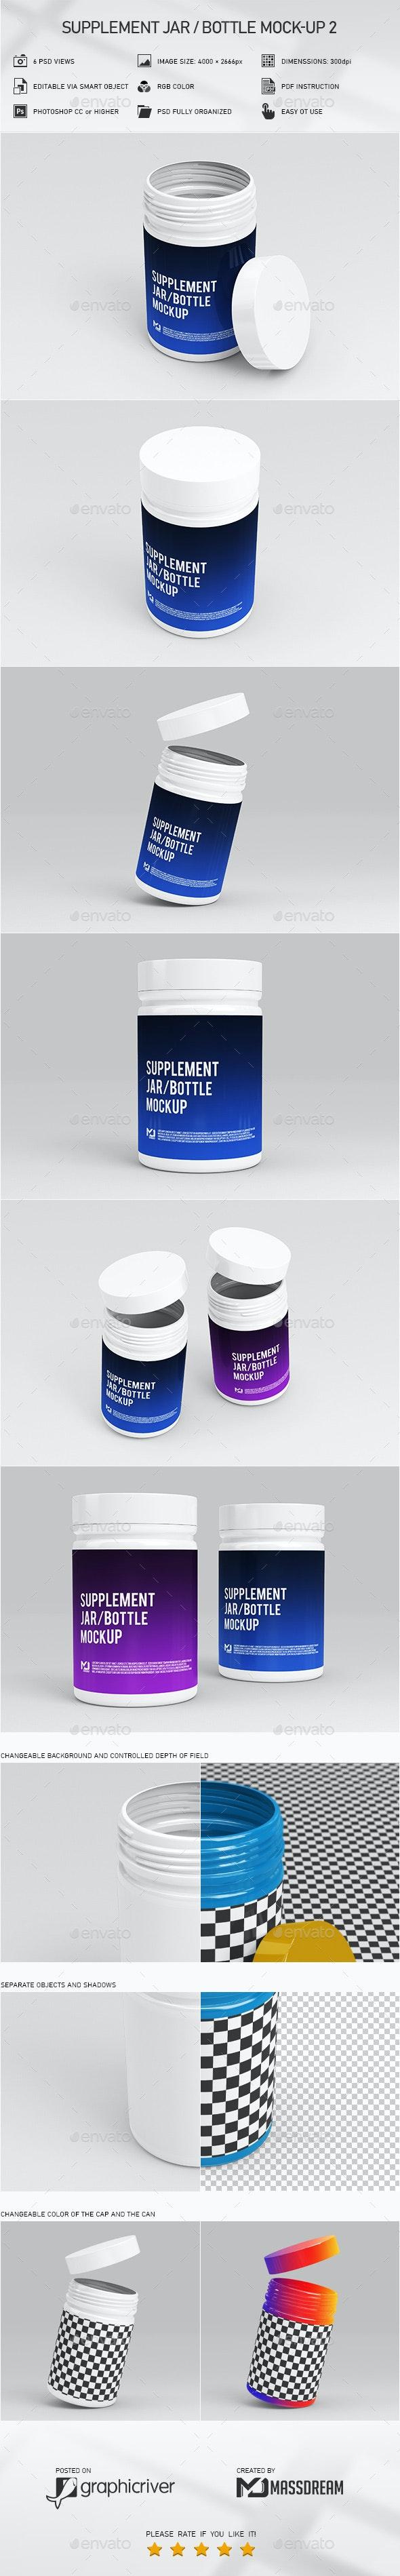 Supplement Jar / Bottle Mock-Up 2 - Product Mock-Ups Graphics